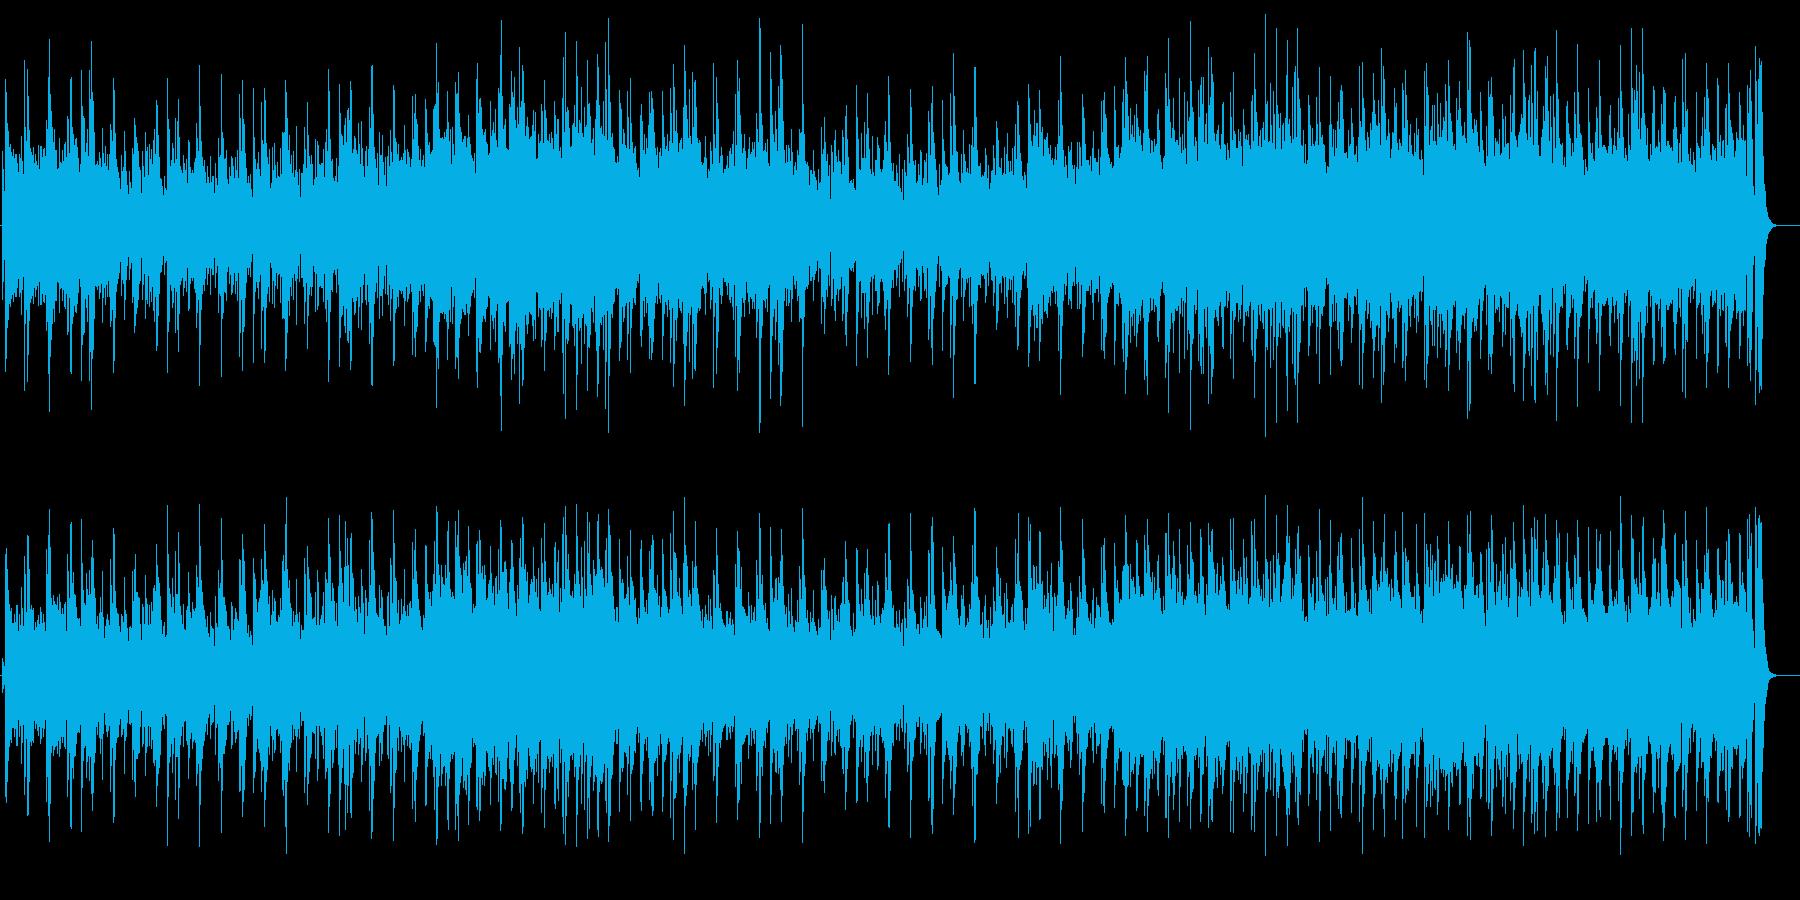 ピアノのライト・ポップス(フルサイズ)の再生済みの波形